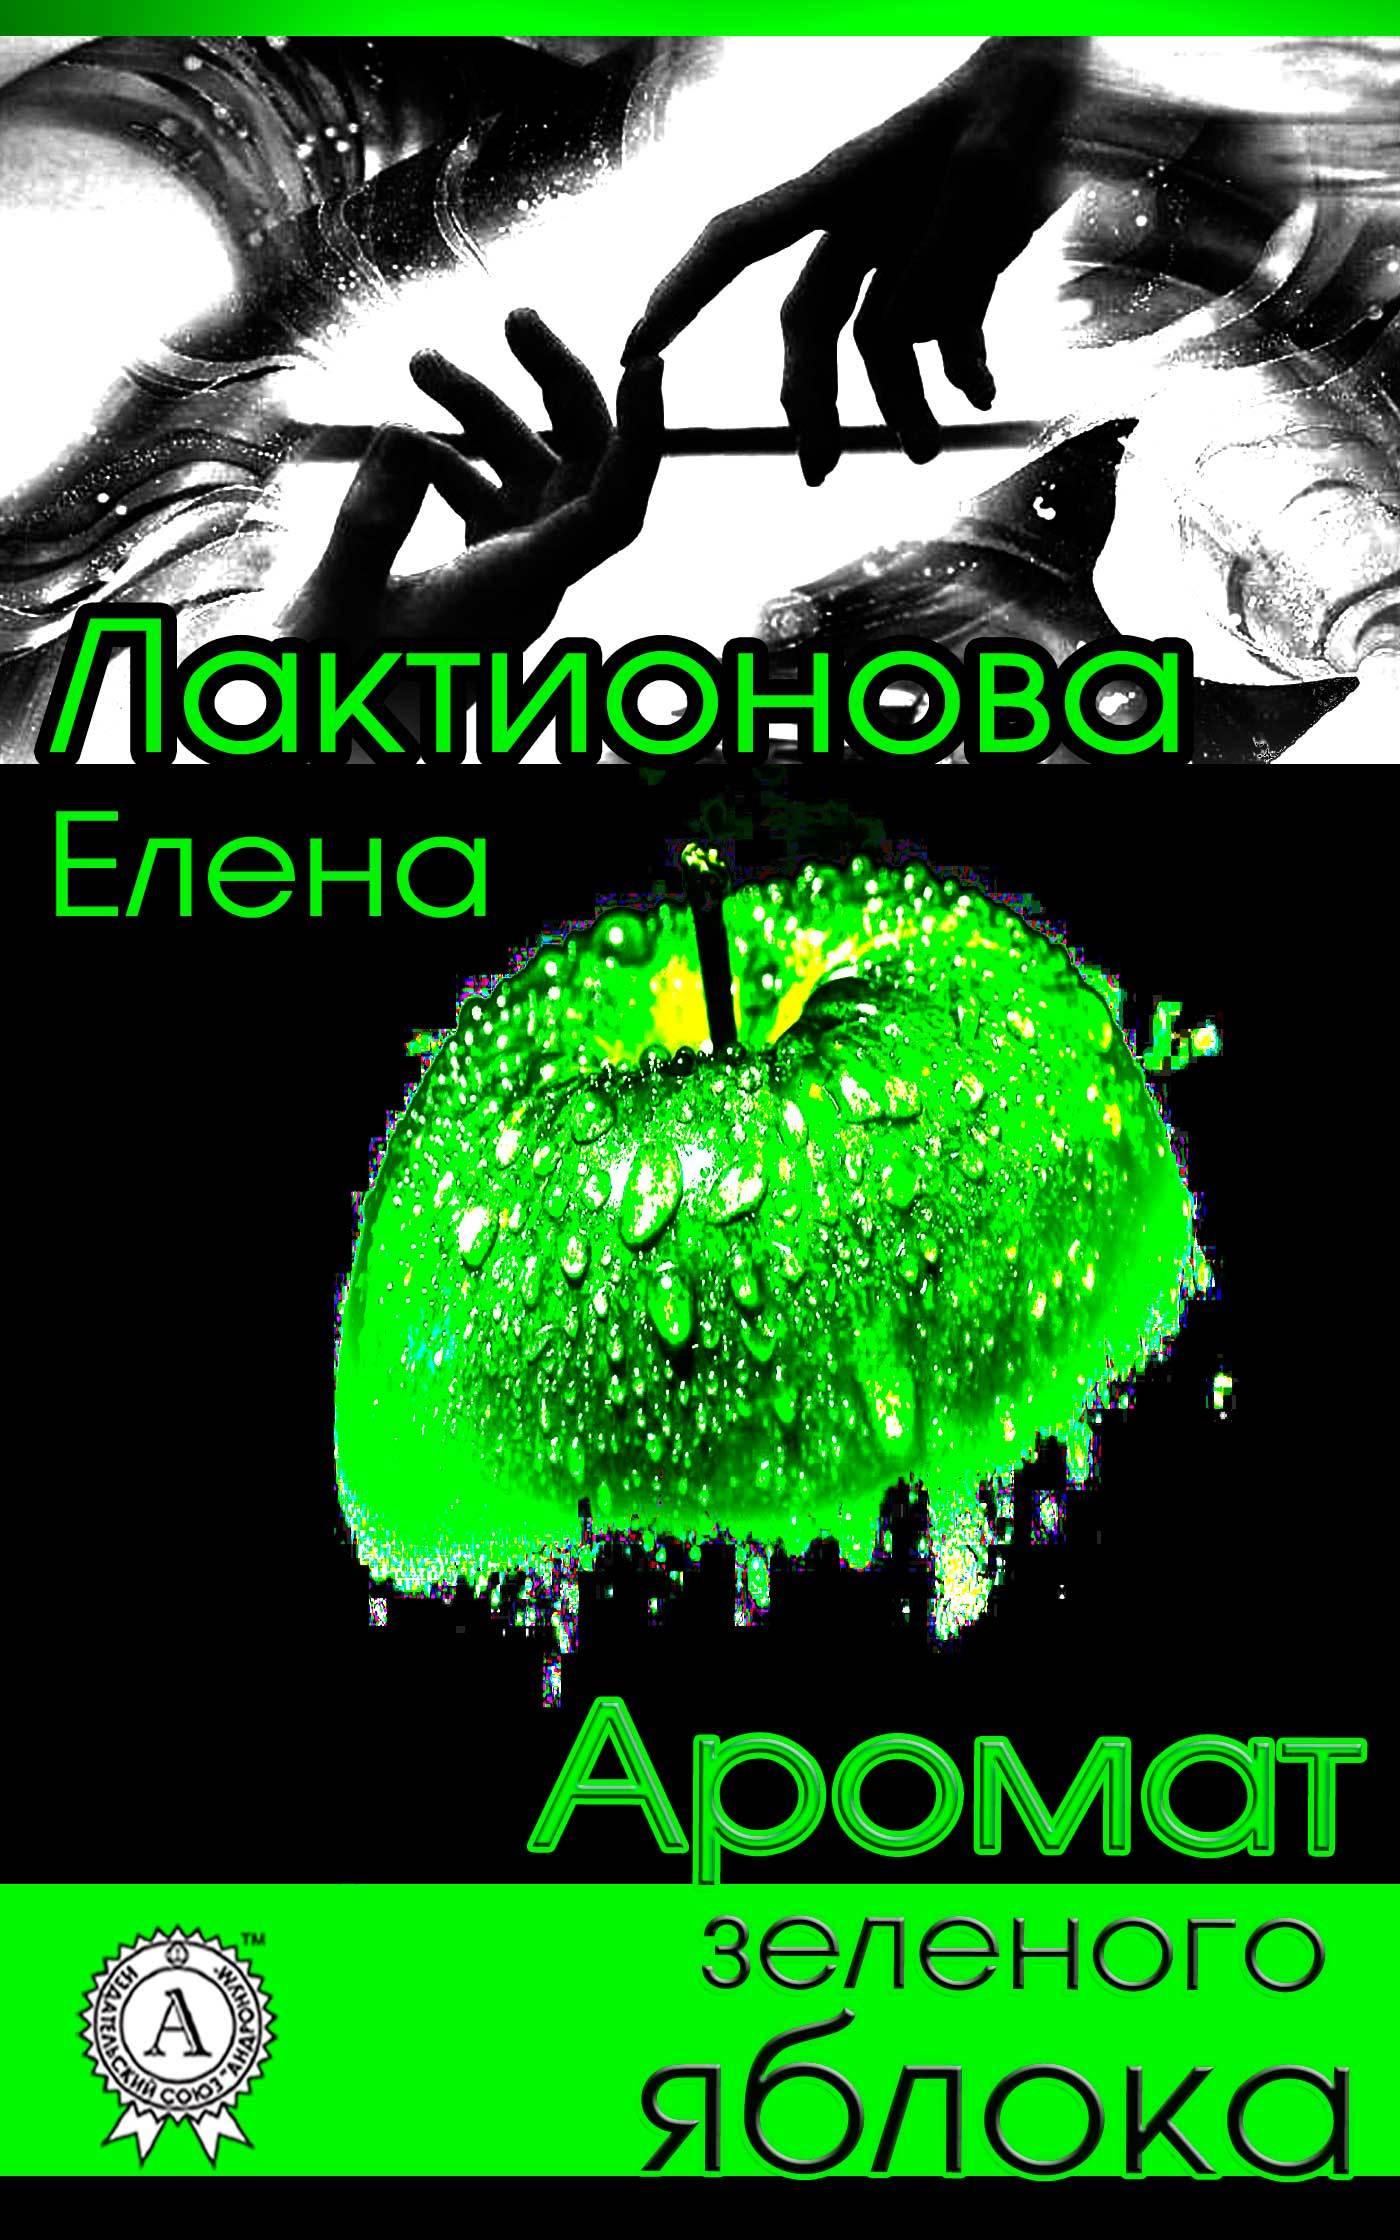 Аромат зеленого яблока